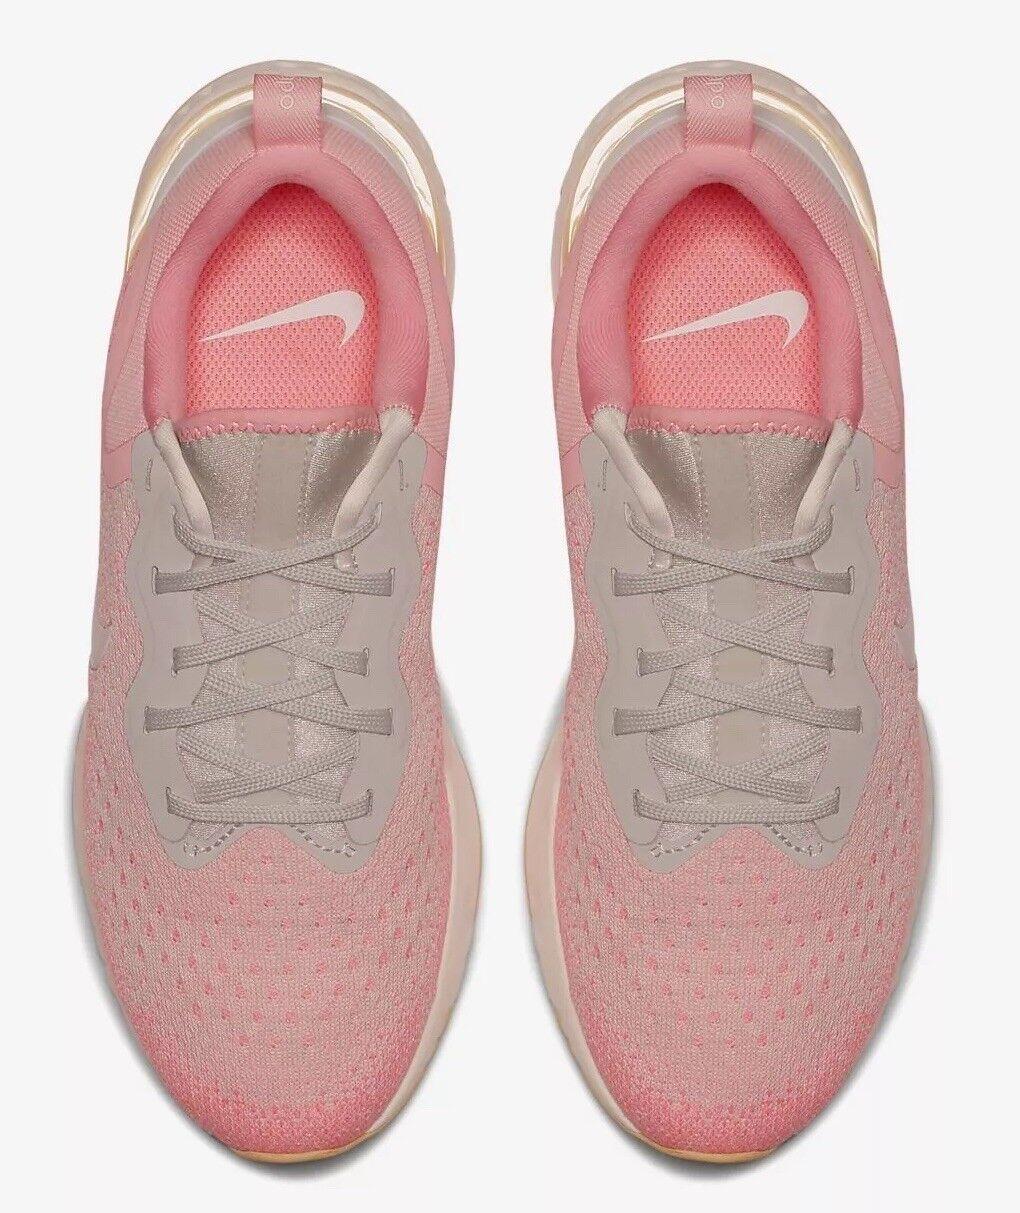 des nous chaussures nike odyssey réagir les ao9820-002 nous des rose 6.5 nouvelles 23f99b